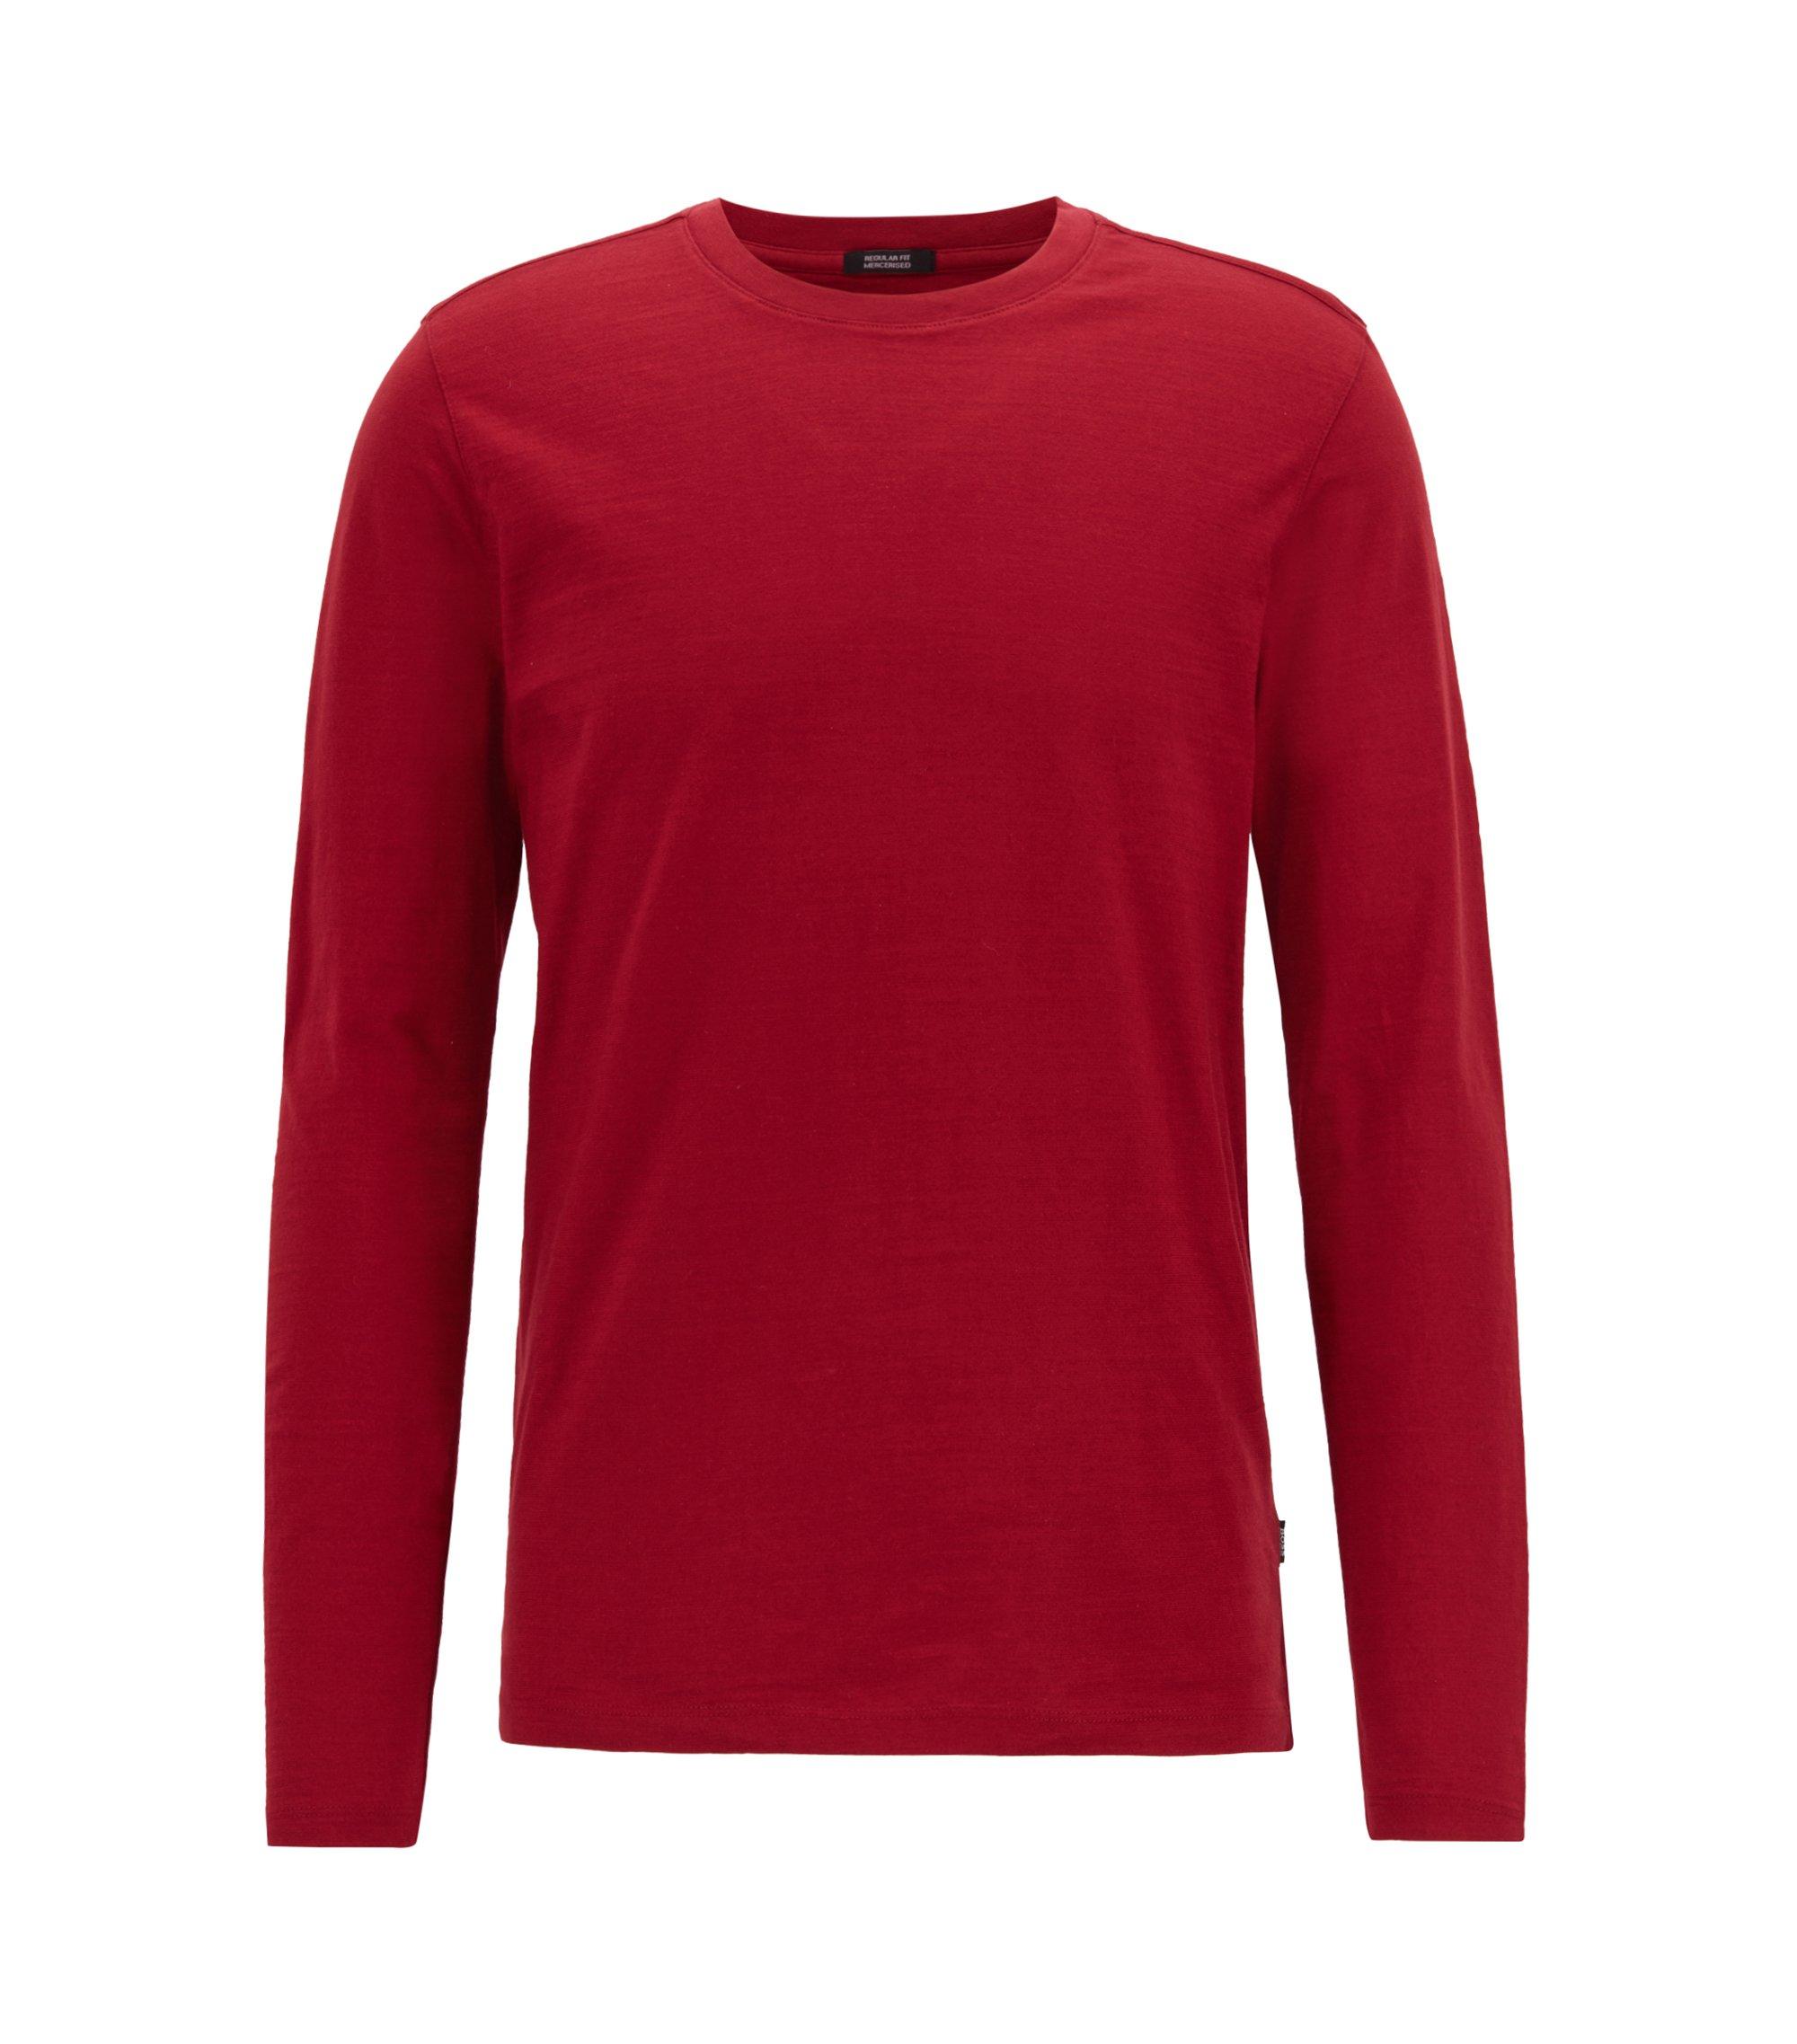 T-shirt Slim Fit à manches longues en coton flammé mercerisé, Rouge sombre